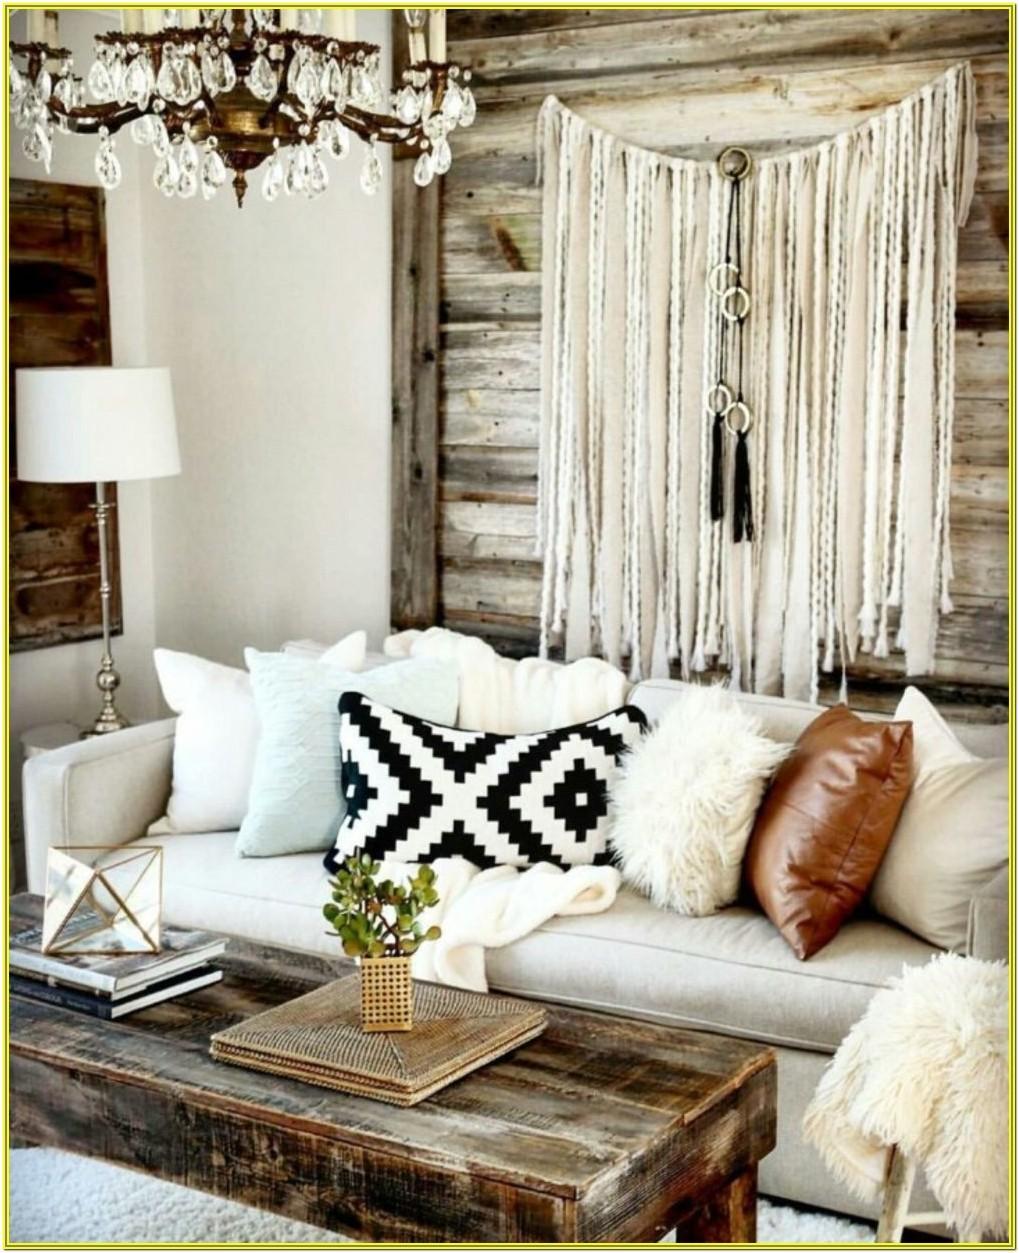 Rustic Bohemian Bohemian Living Room Ideas